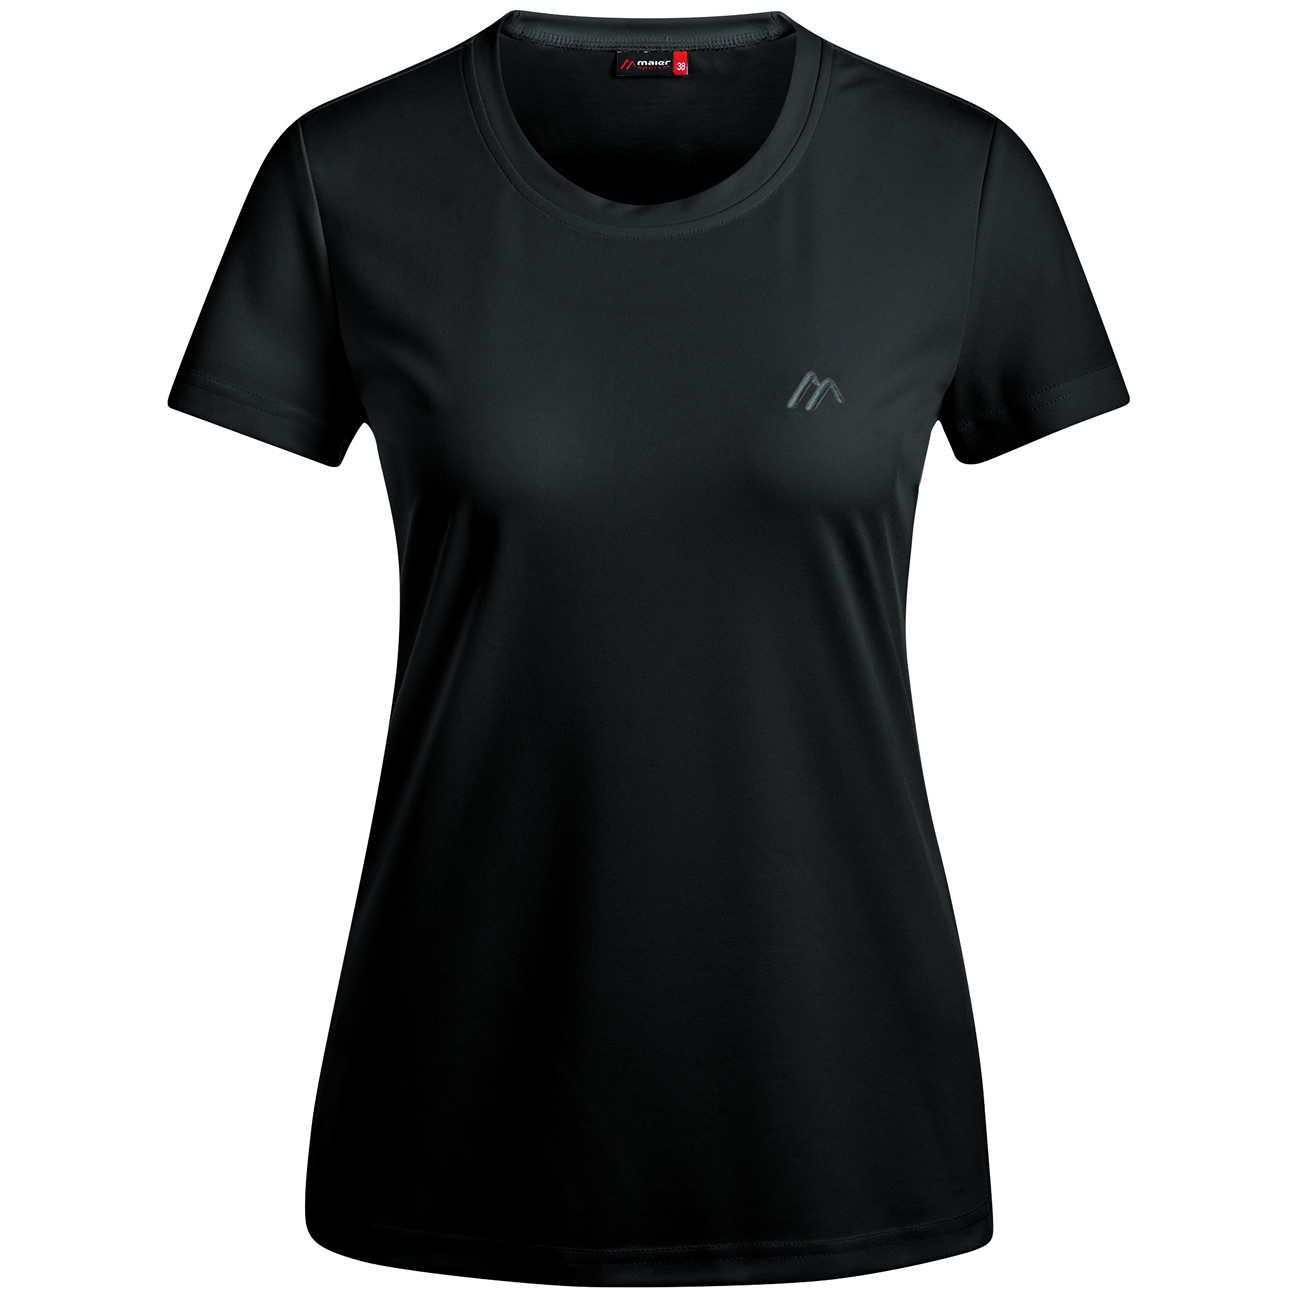 Maier Sports Waltraud Damenshirt bis Gr. 50